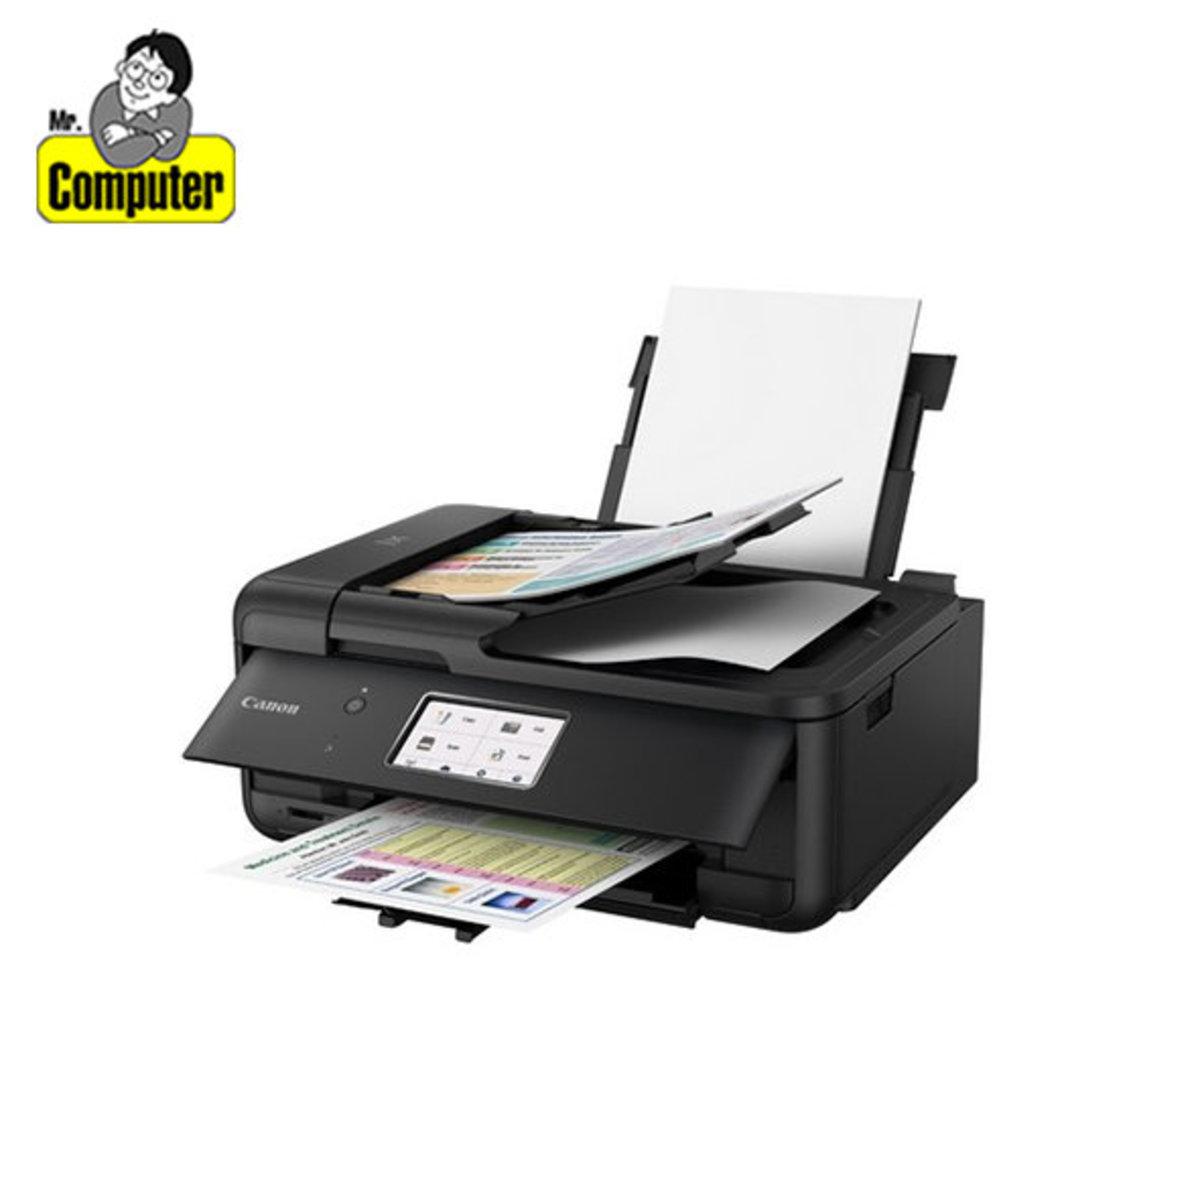 PIXMA TR8570 (BK) 4in1 multi-function printer